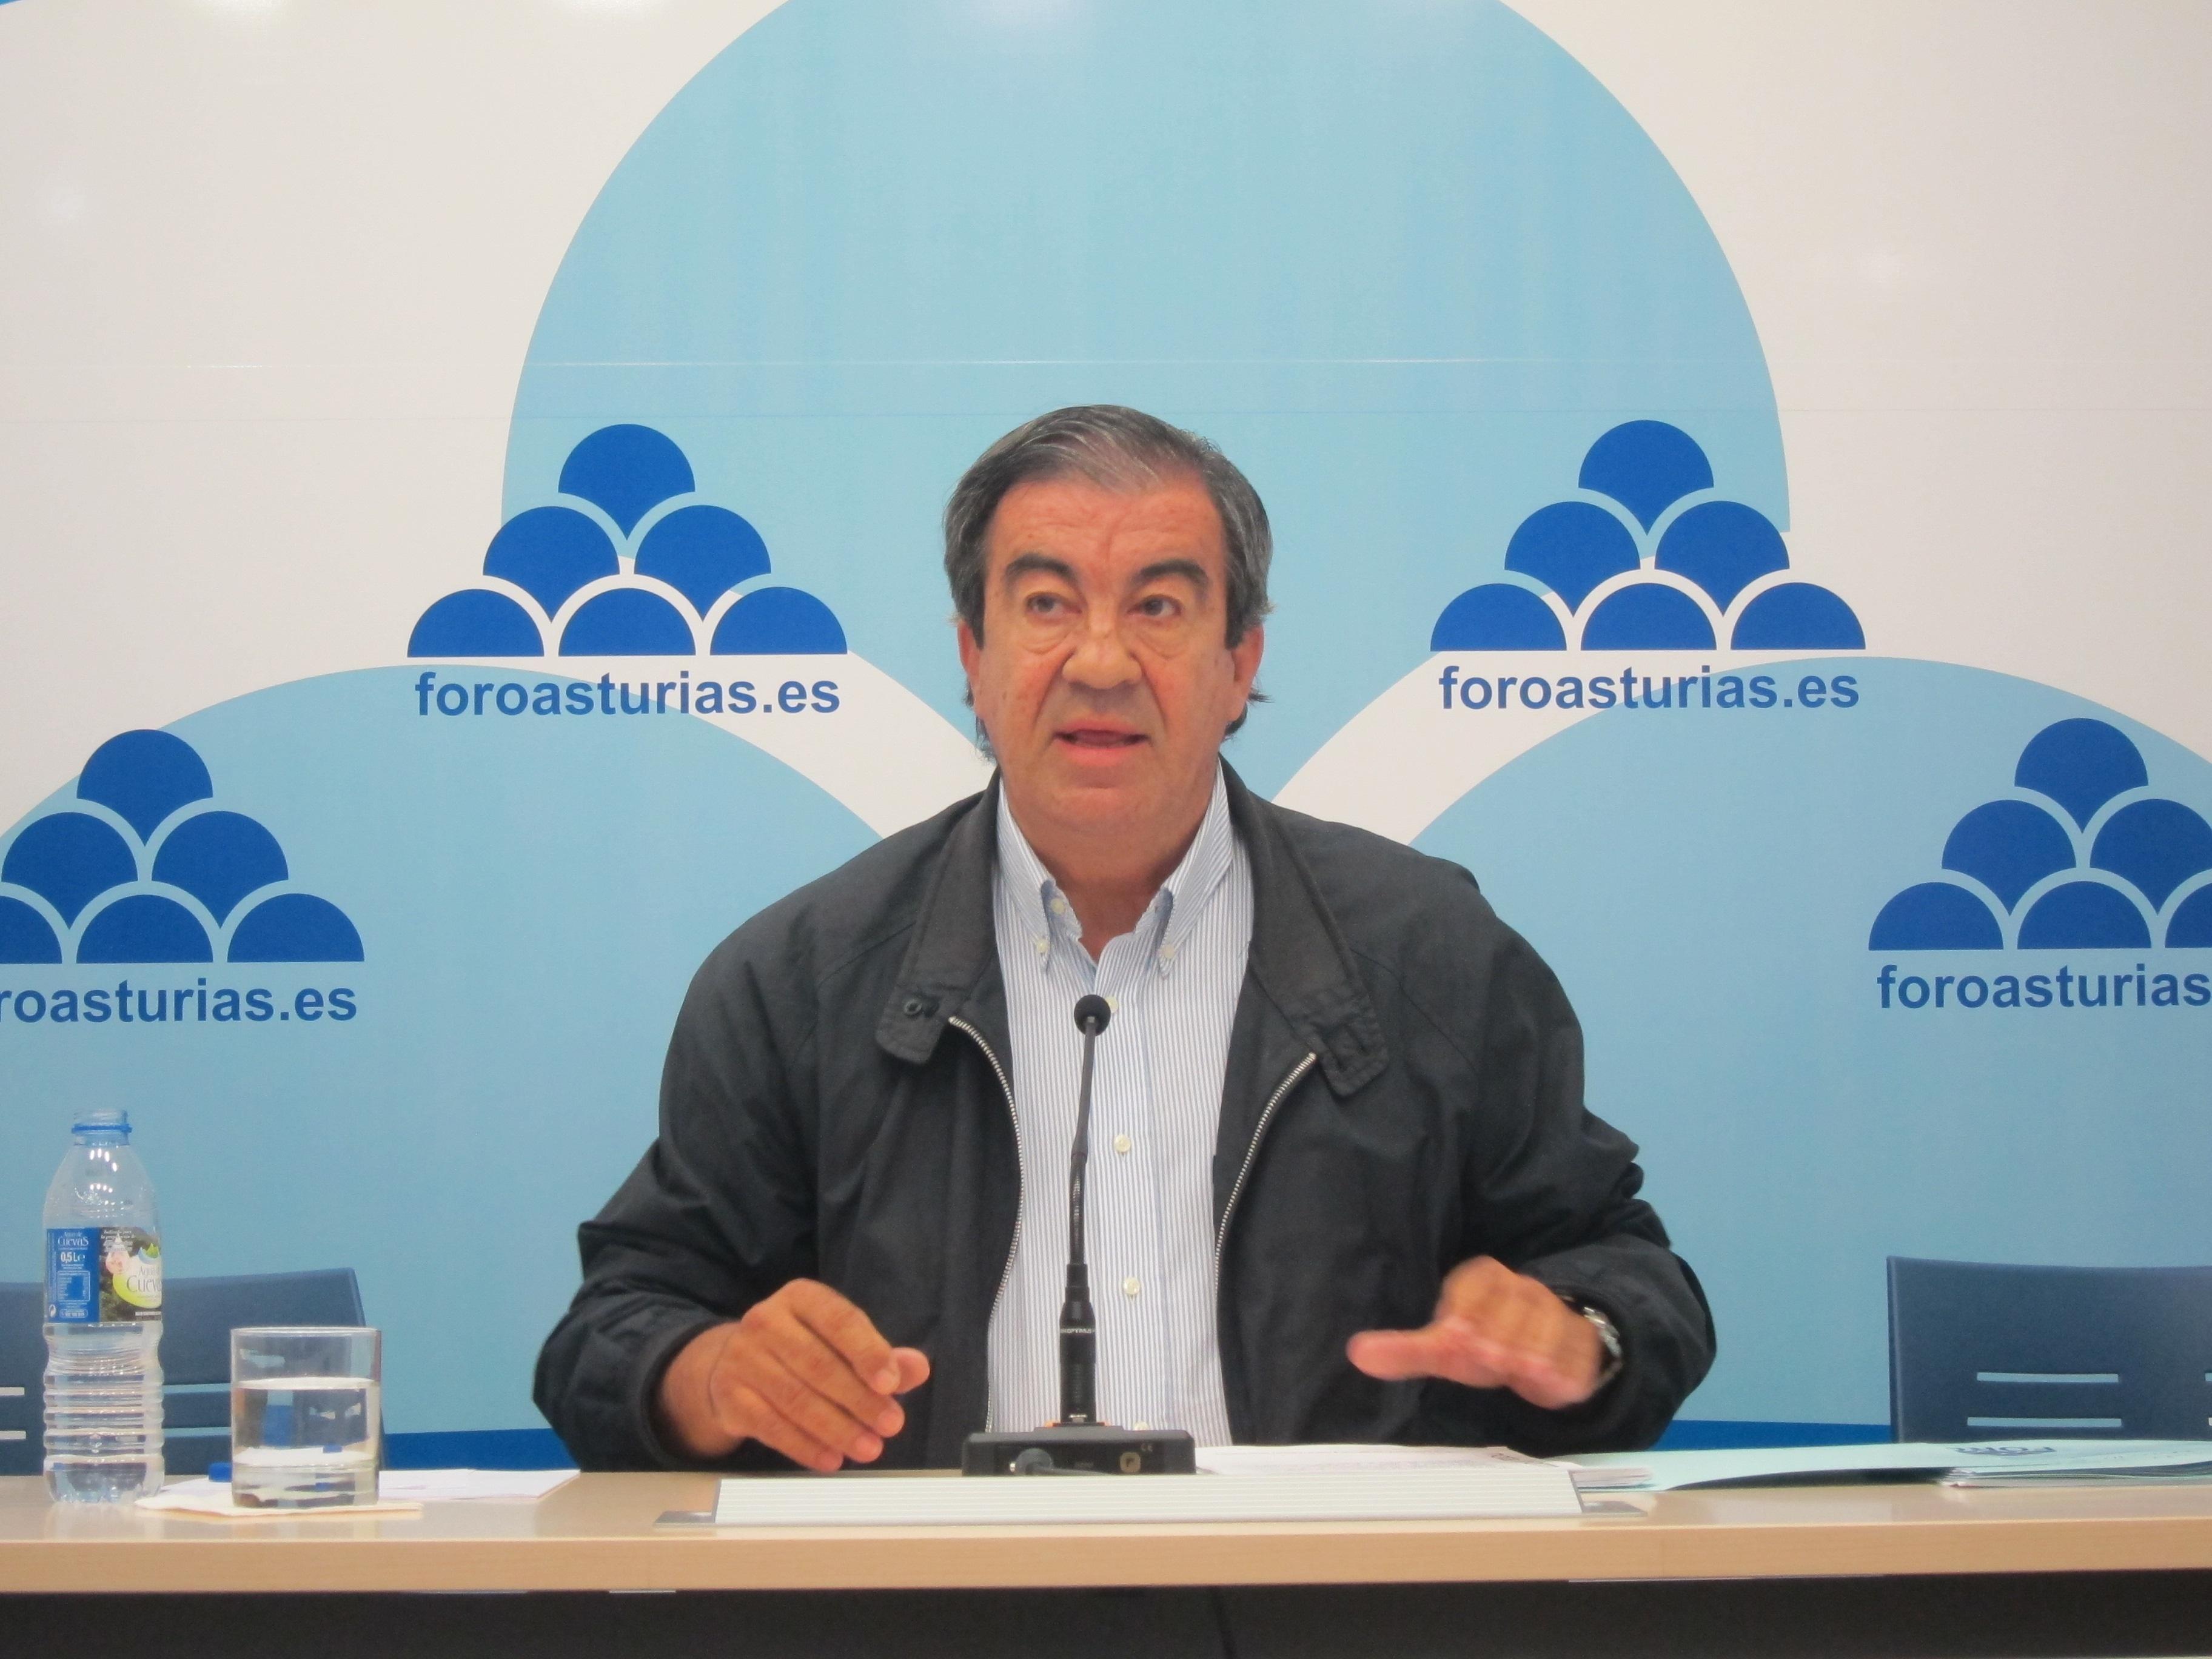 Cascos advierte de que el problema de Gibraltar se debe a la debilidad europea de Rajoy y la imprevisión de su programa